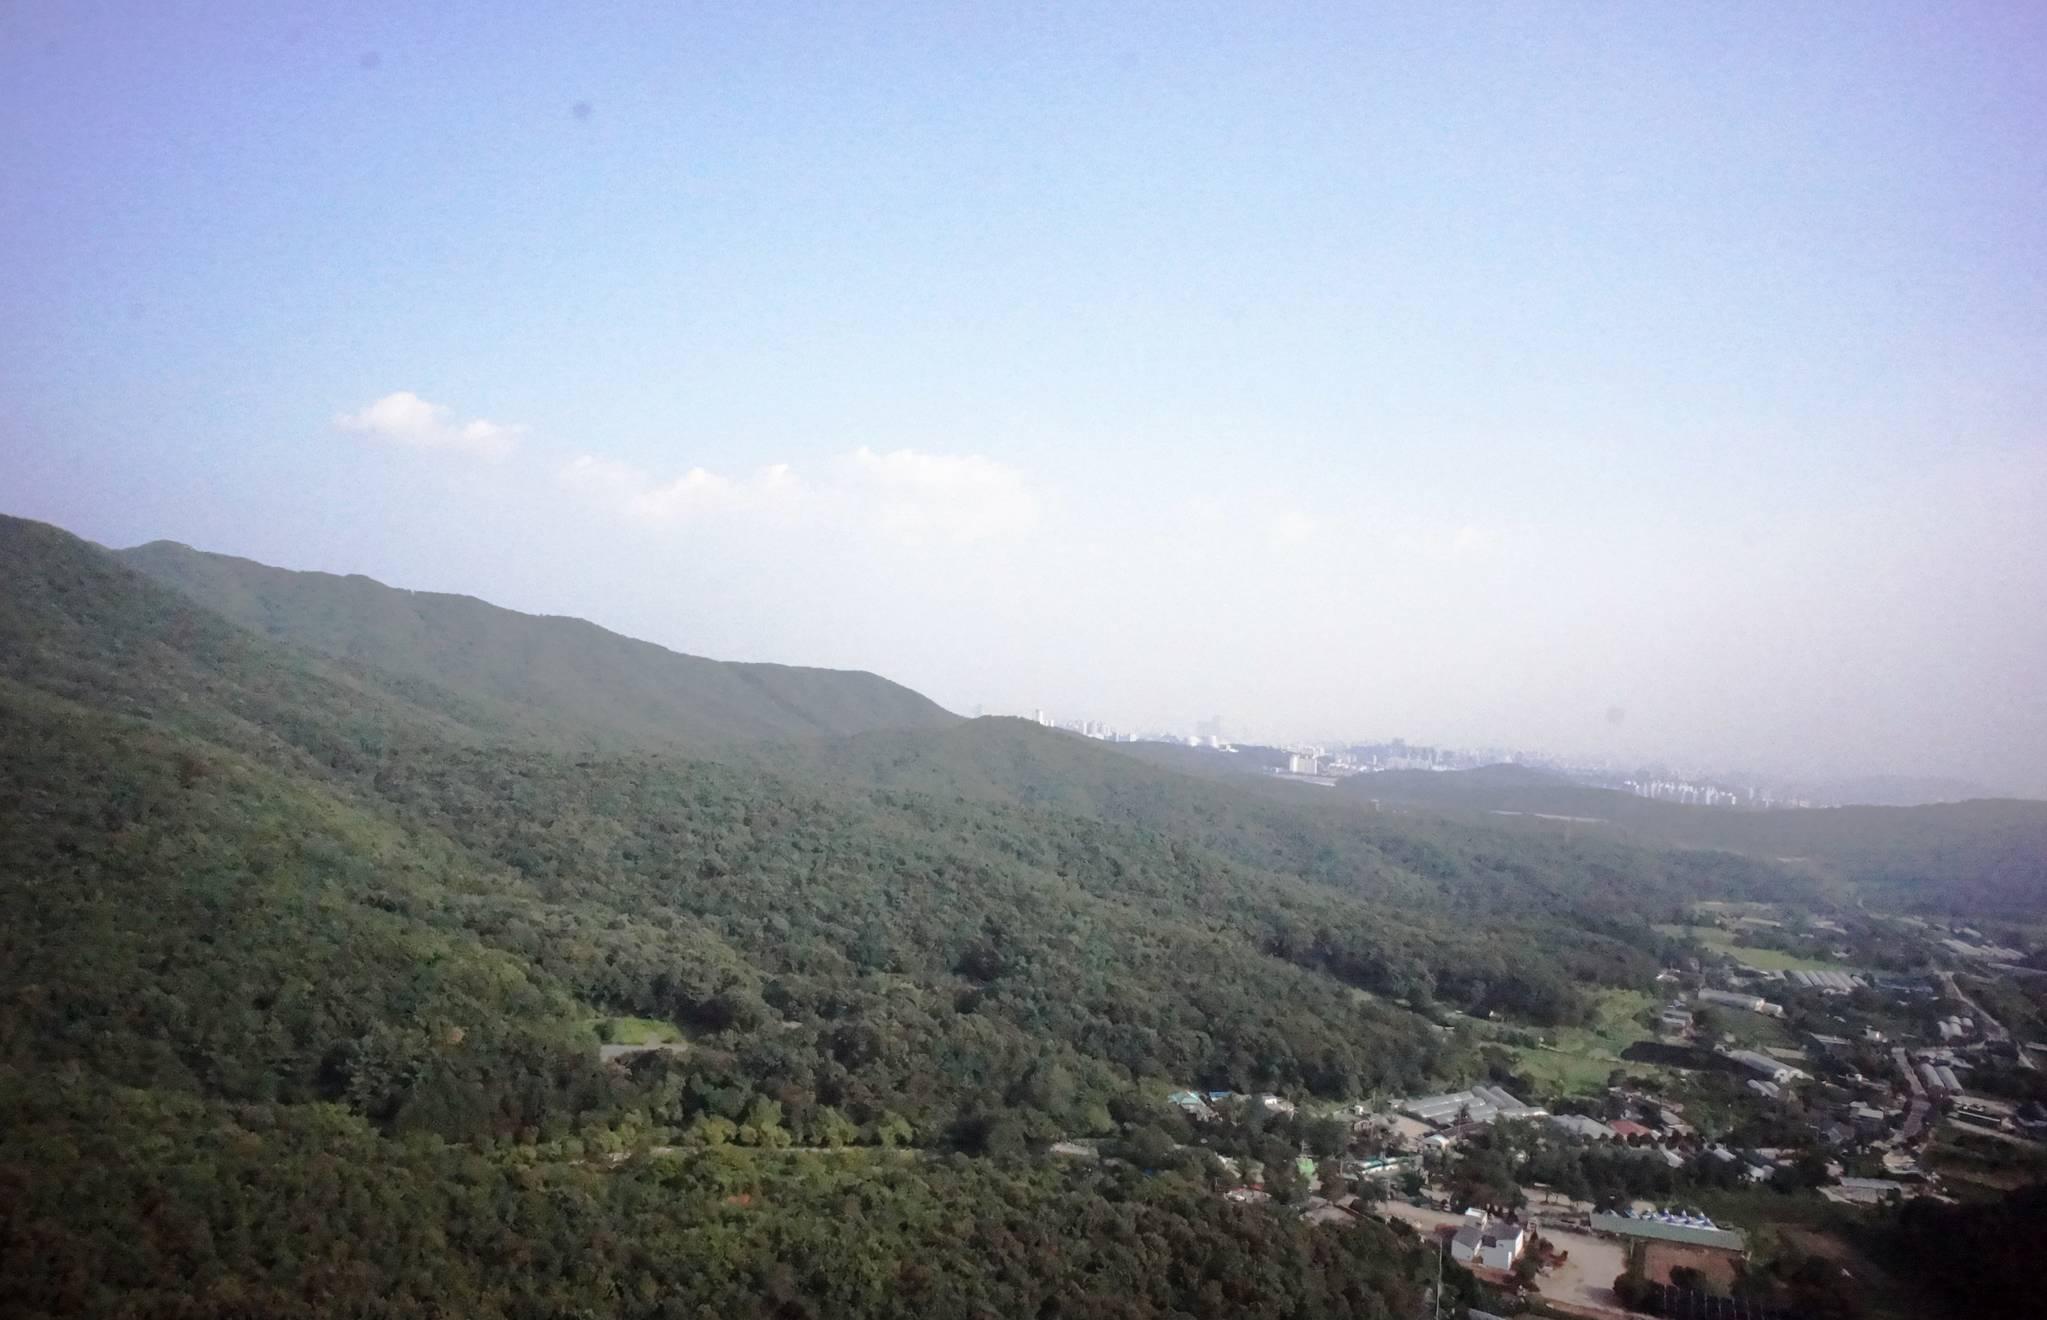 백운산이 인접해 녹지 비율이 높은 수원시 상광교동. [사진 국립환경과학원]